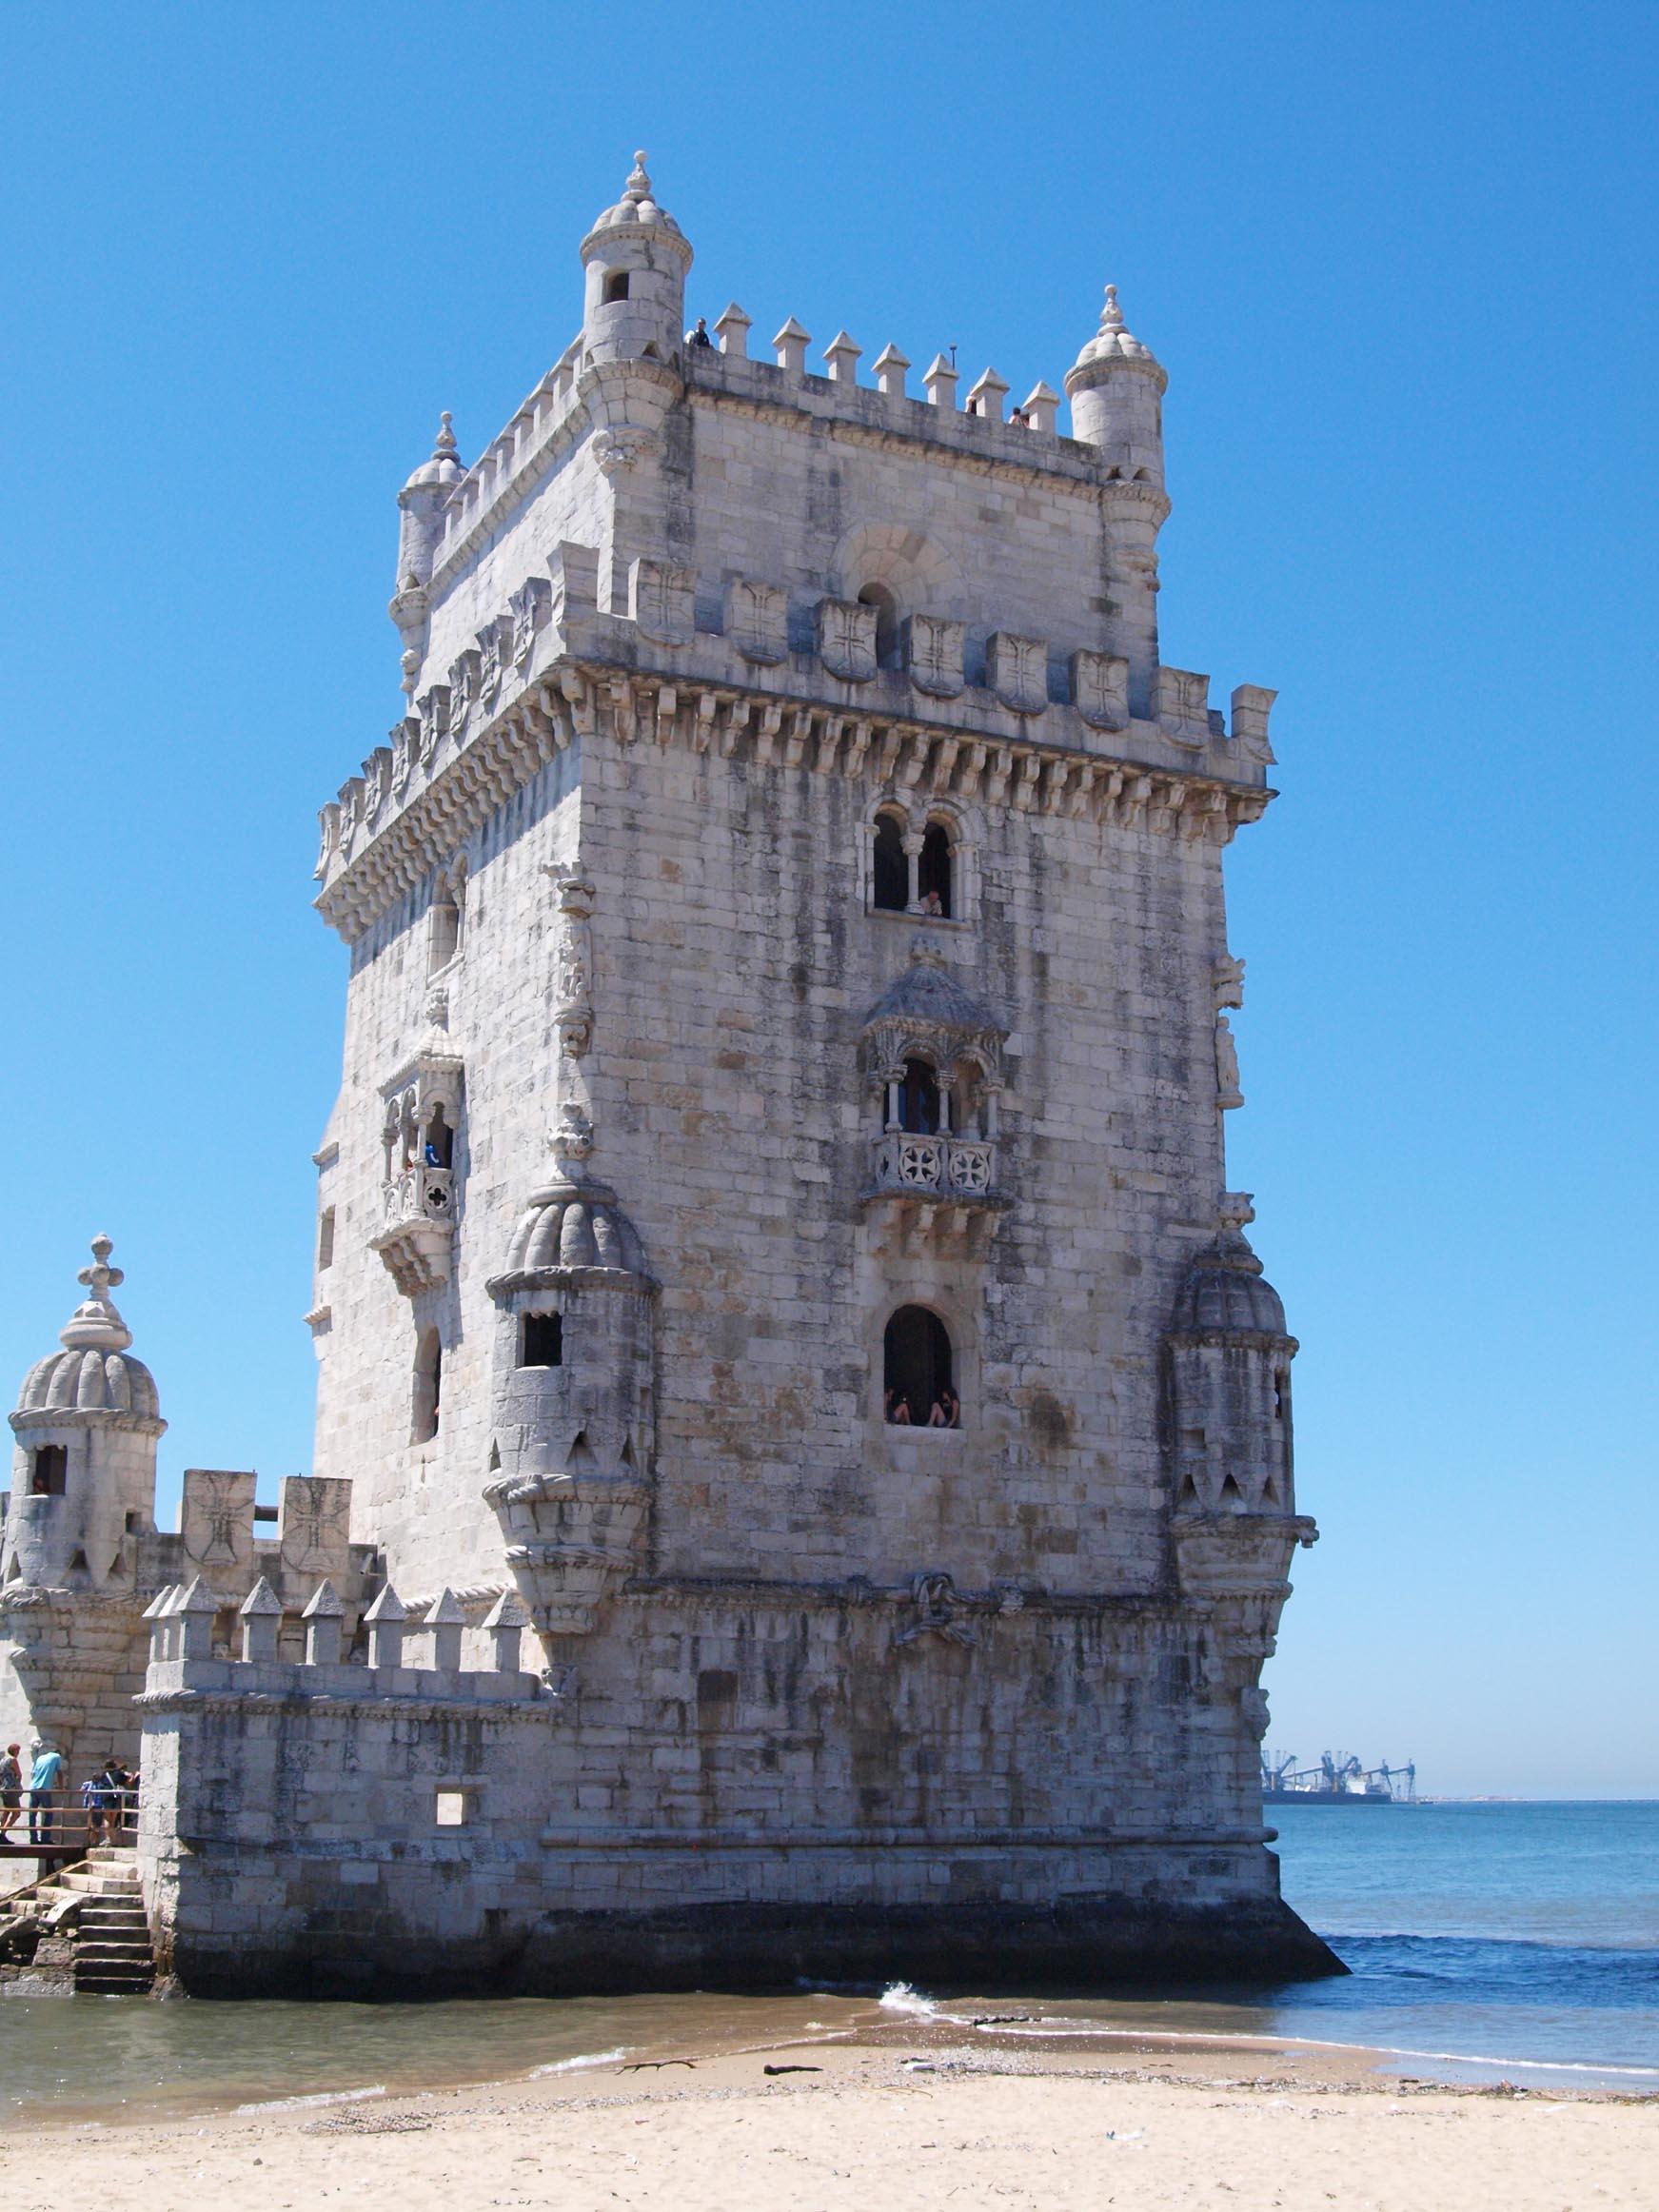 ポルトガル紀行ーーベレン地区観光_c0179785_18103238.jpg